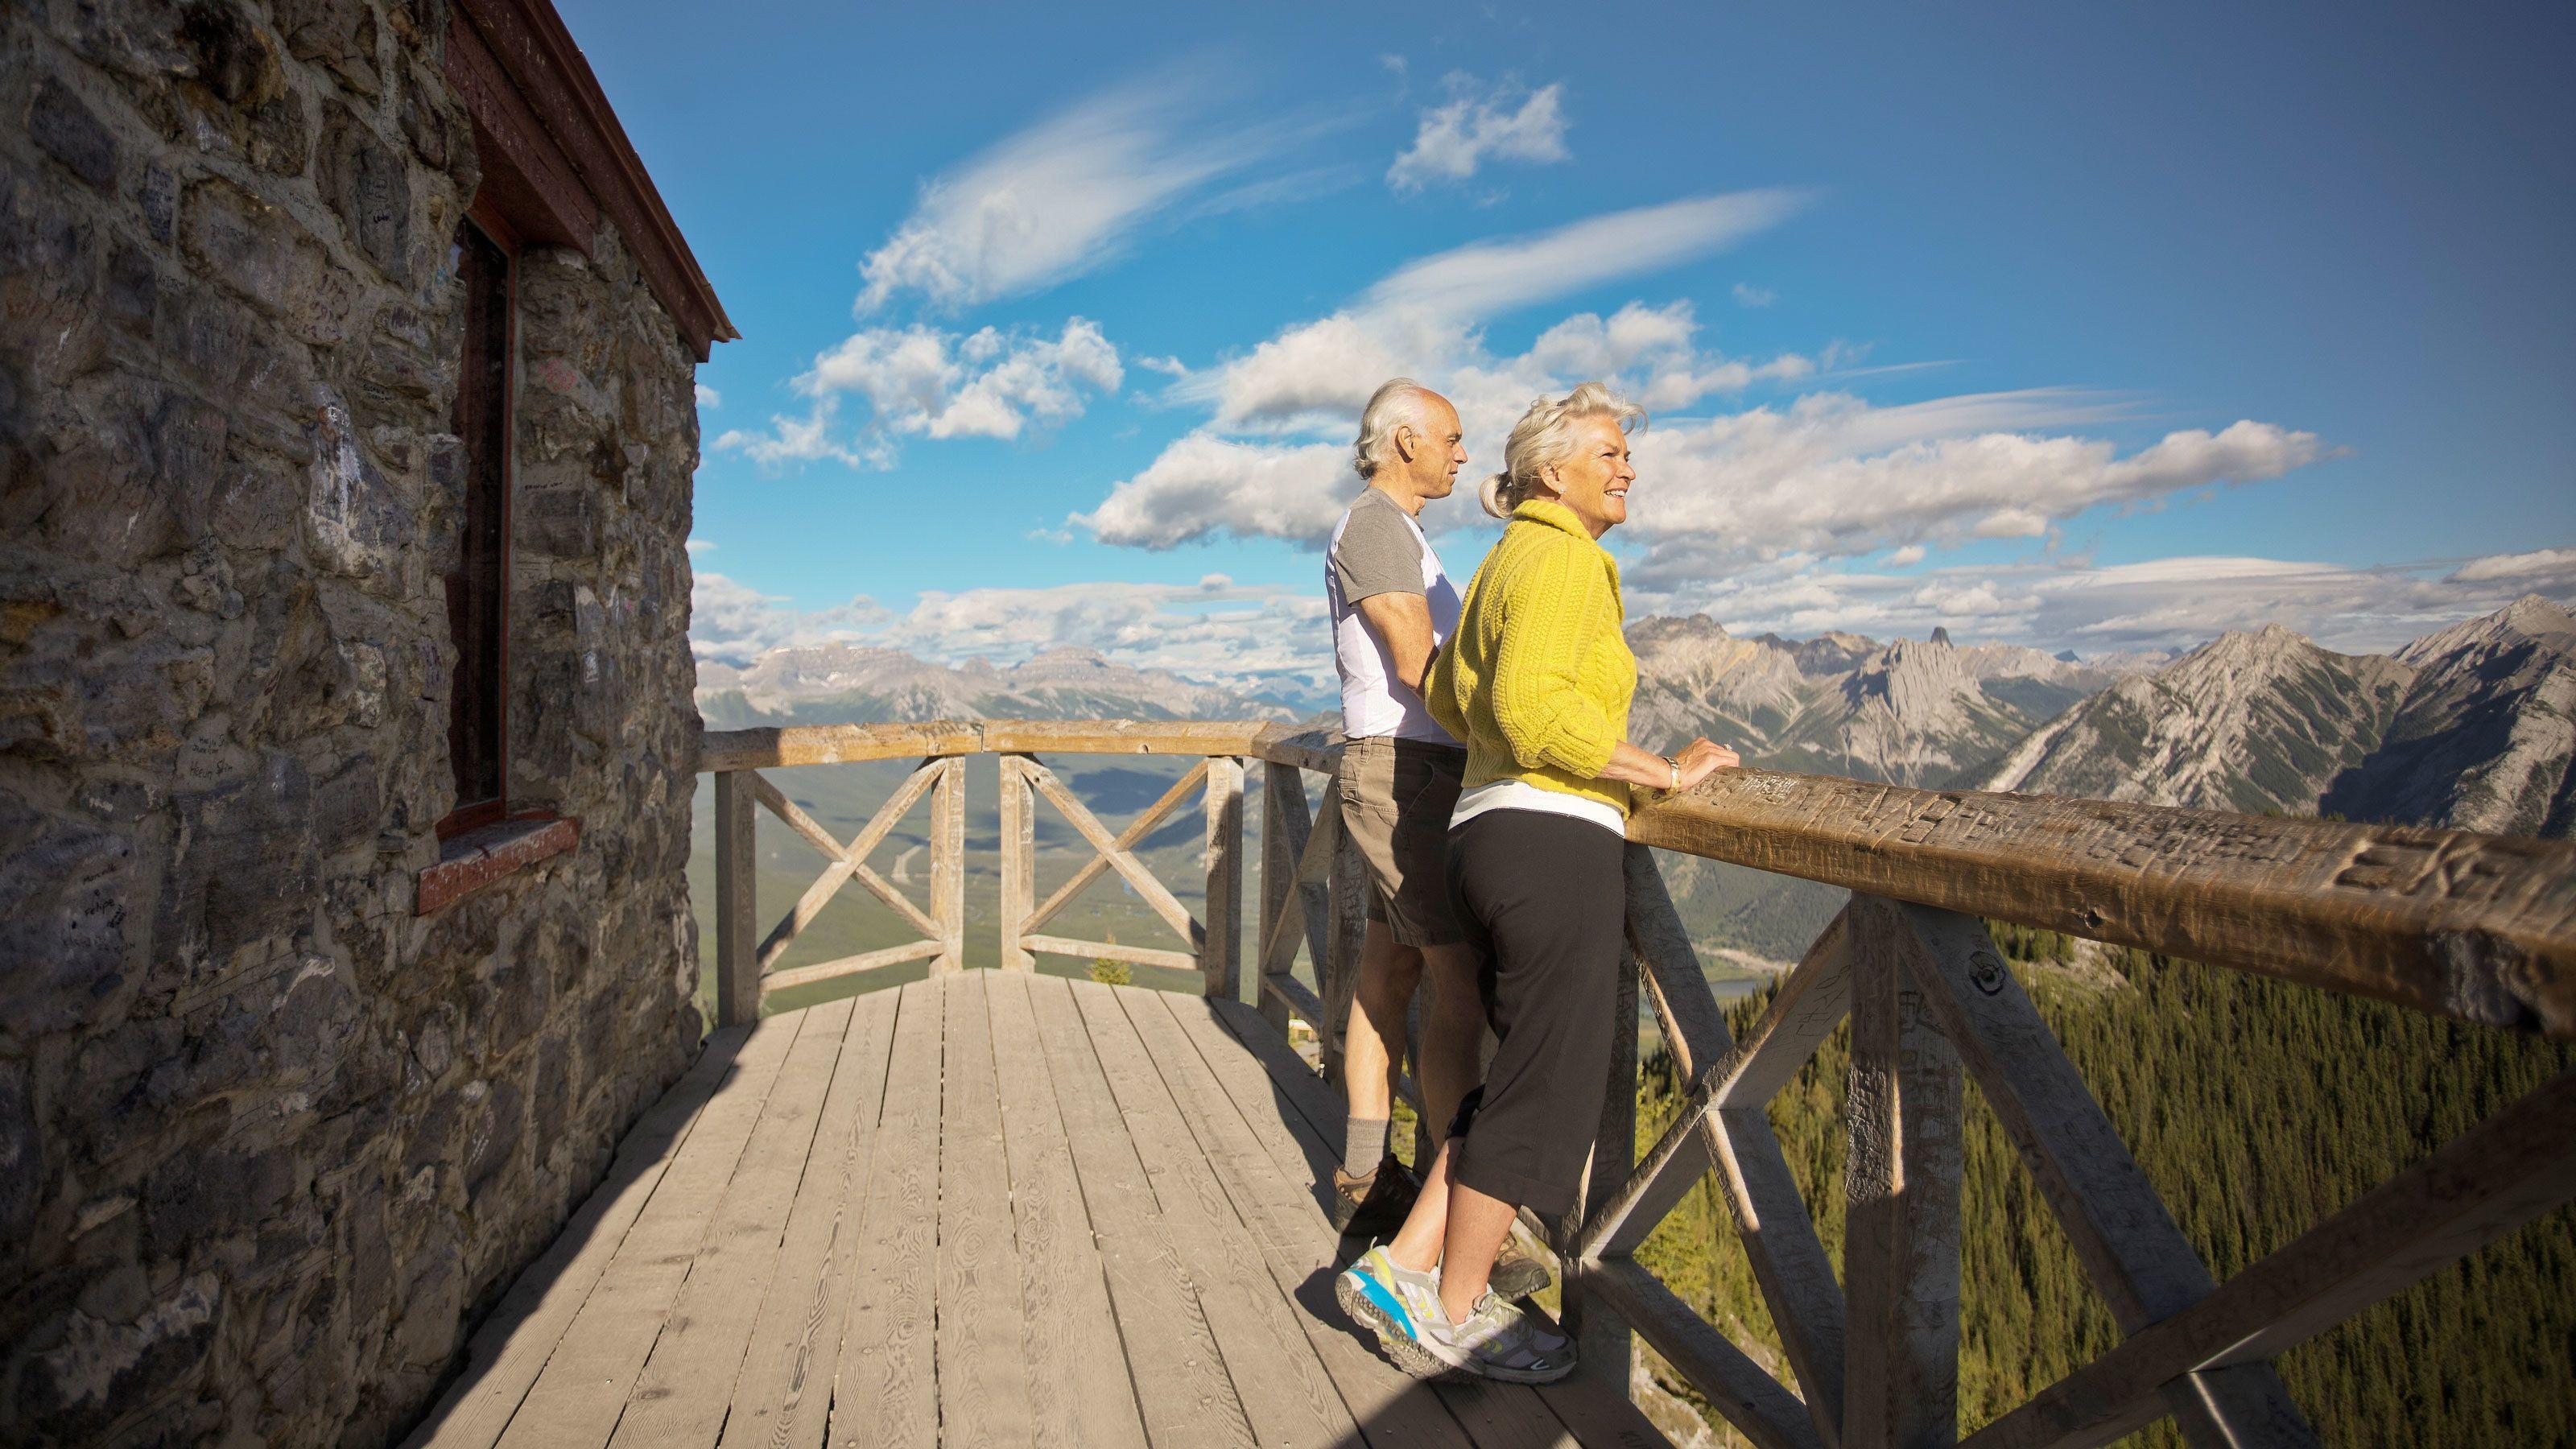 Enjoy spectacular views of the Canadian Rockies atop Sulphur Mountain